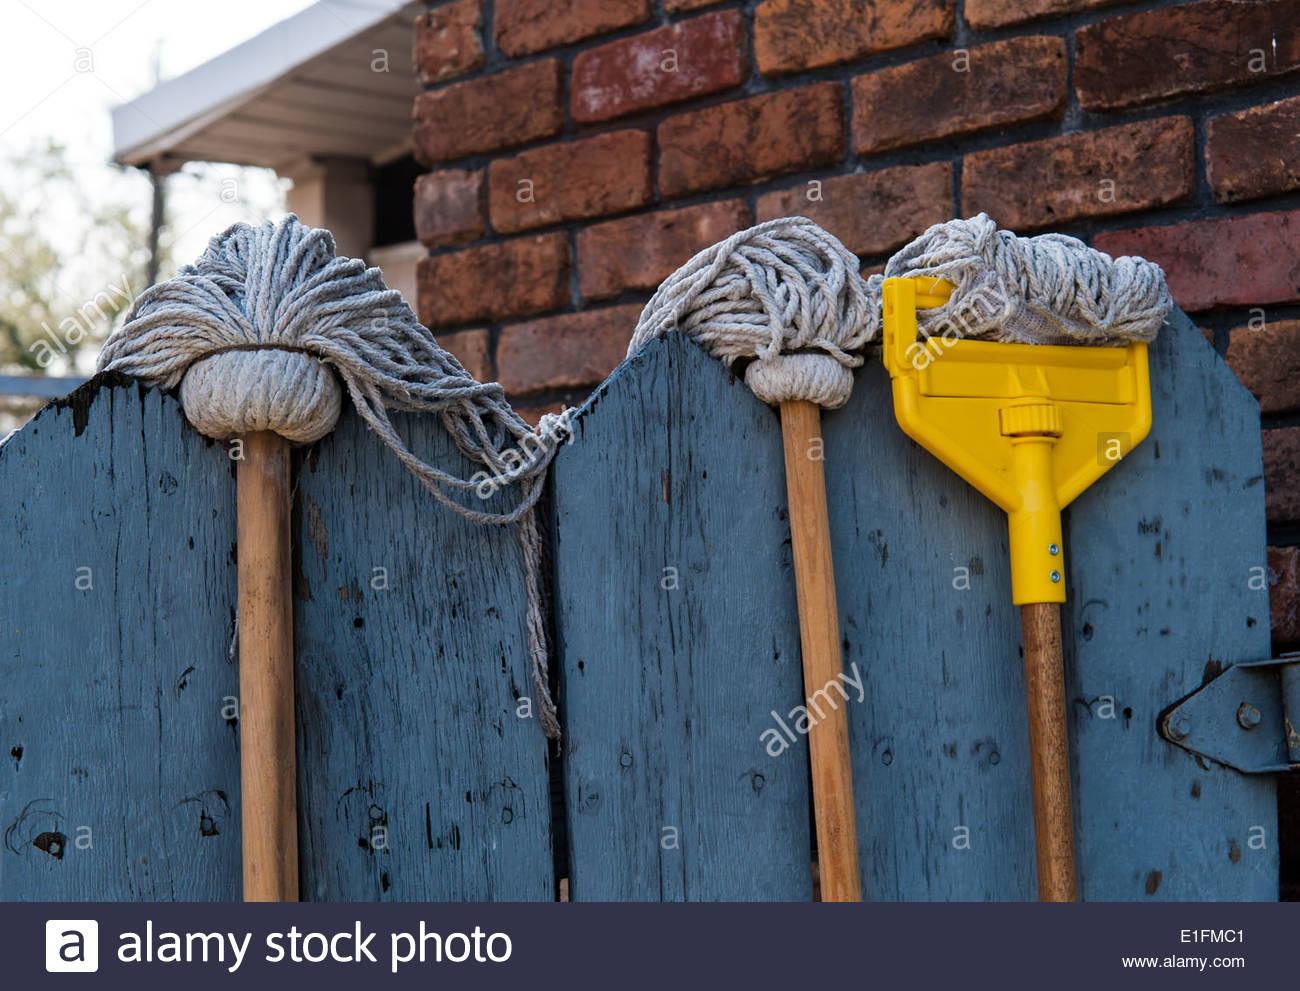 Several floor mop hanging to dry over a door - Stock Image